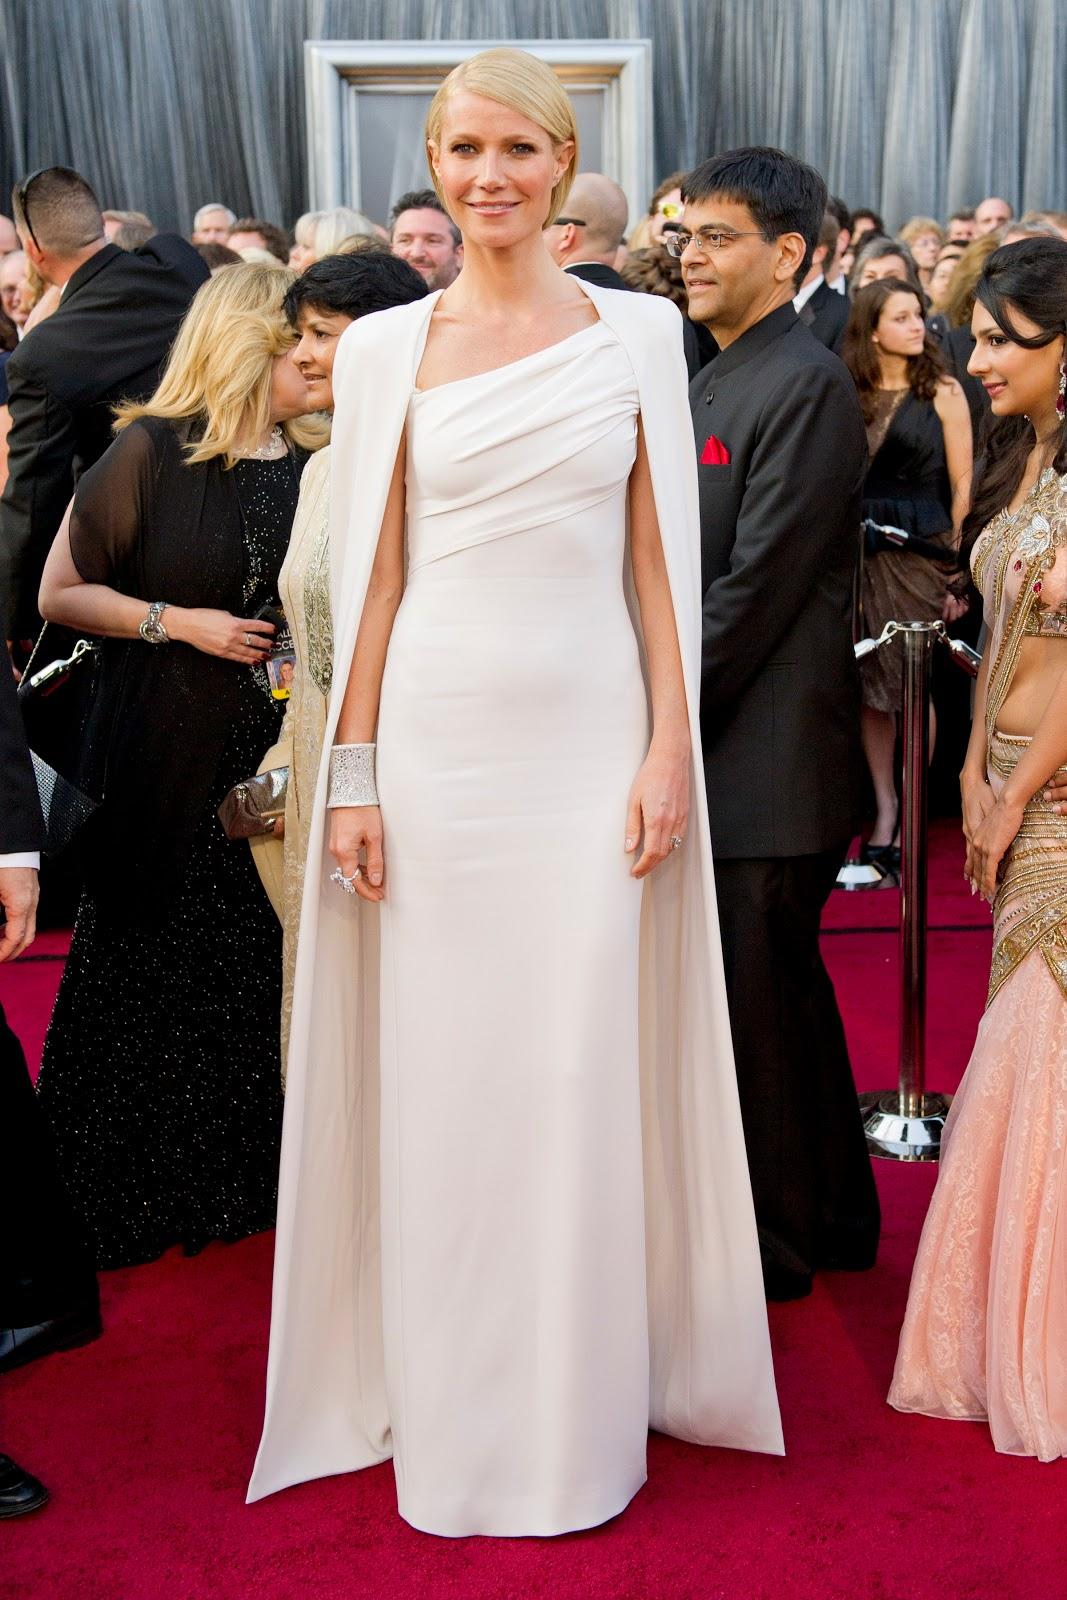 http://4.bp.blogspot.com/-ljQ3Ehq78R4/T0zlTKi5T6I/AAAAAAAAccE/ikdsQmFr8PM/s1600/Gwyneth+Paltrow.jpg